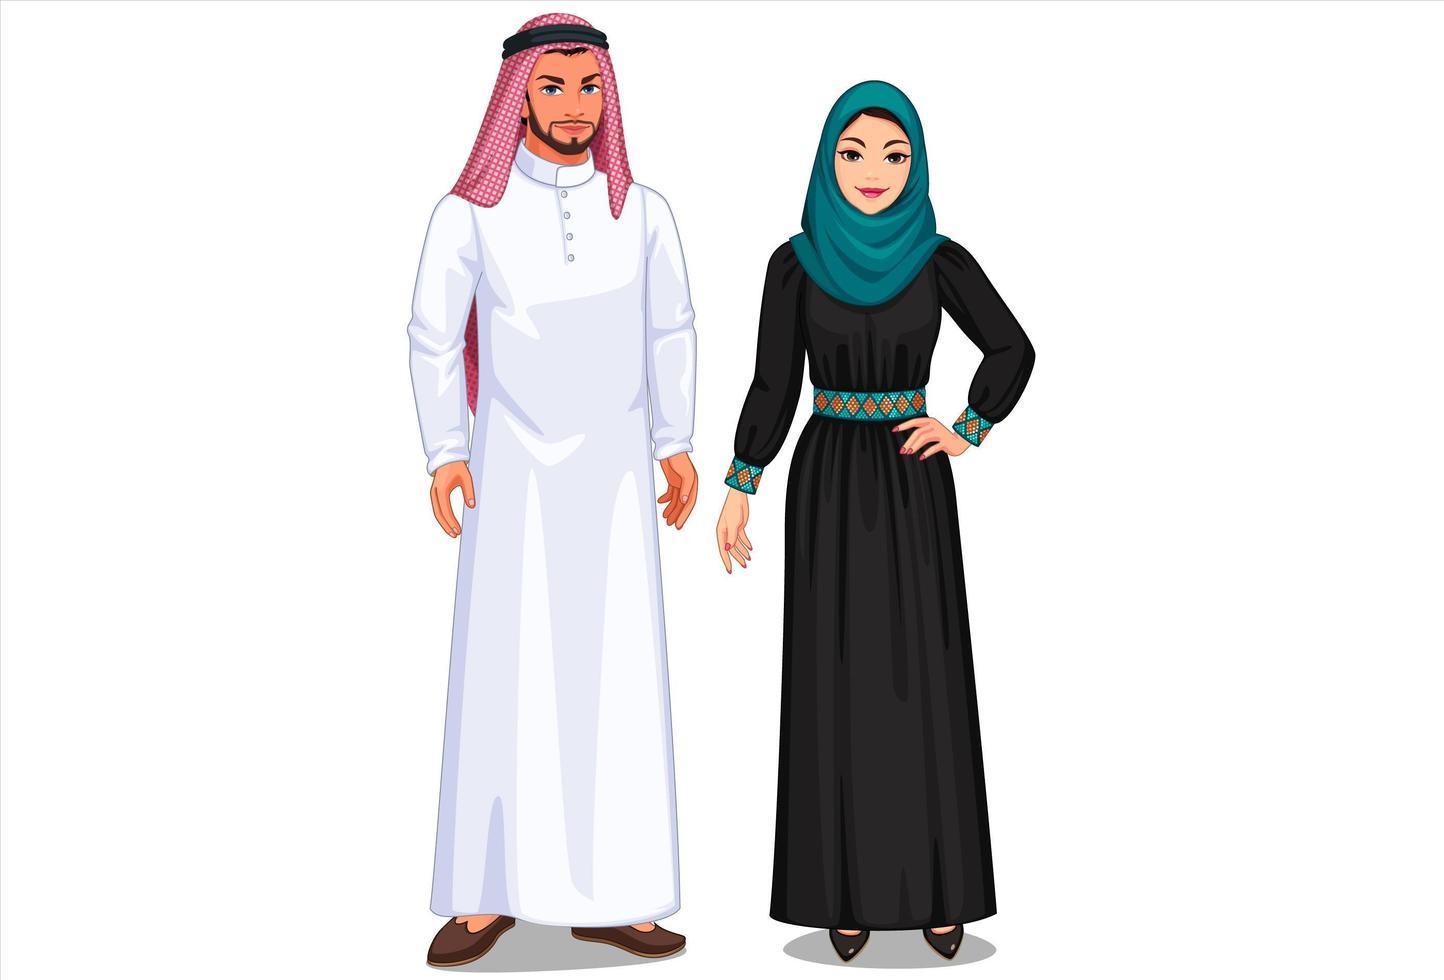 glückliches nahöstliches Paar stehend vektor